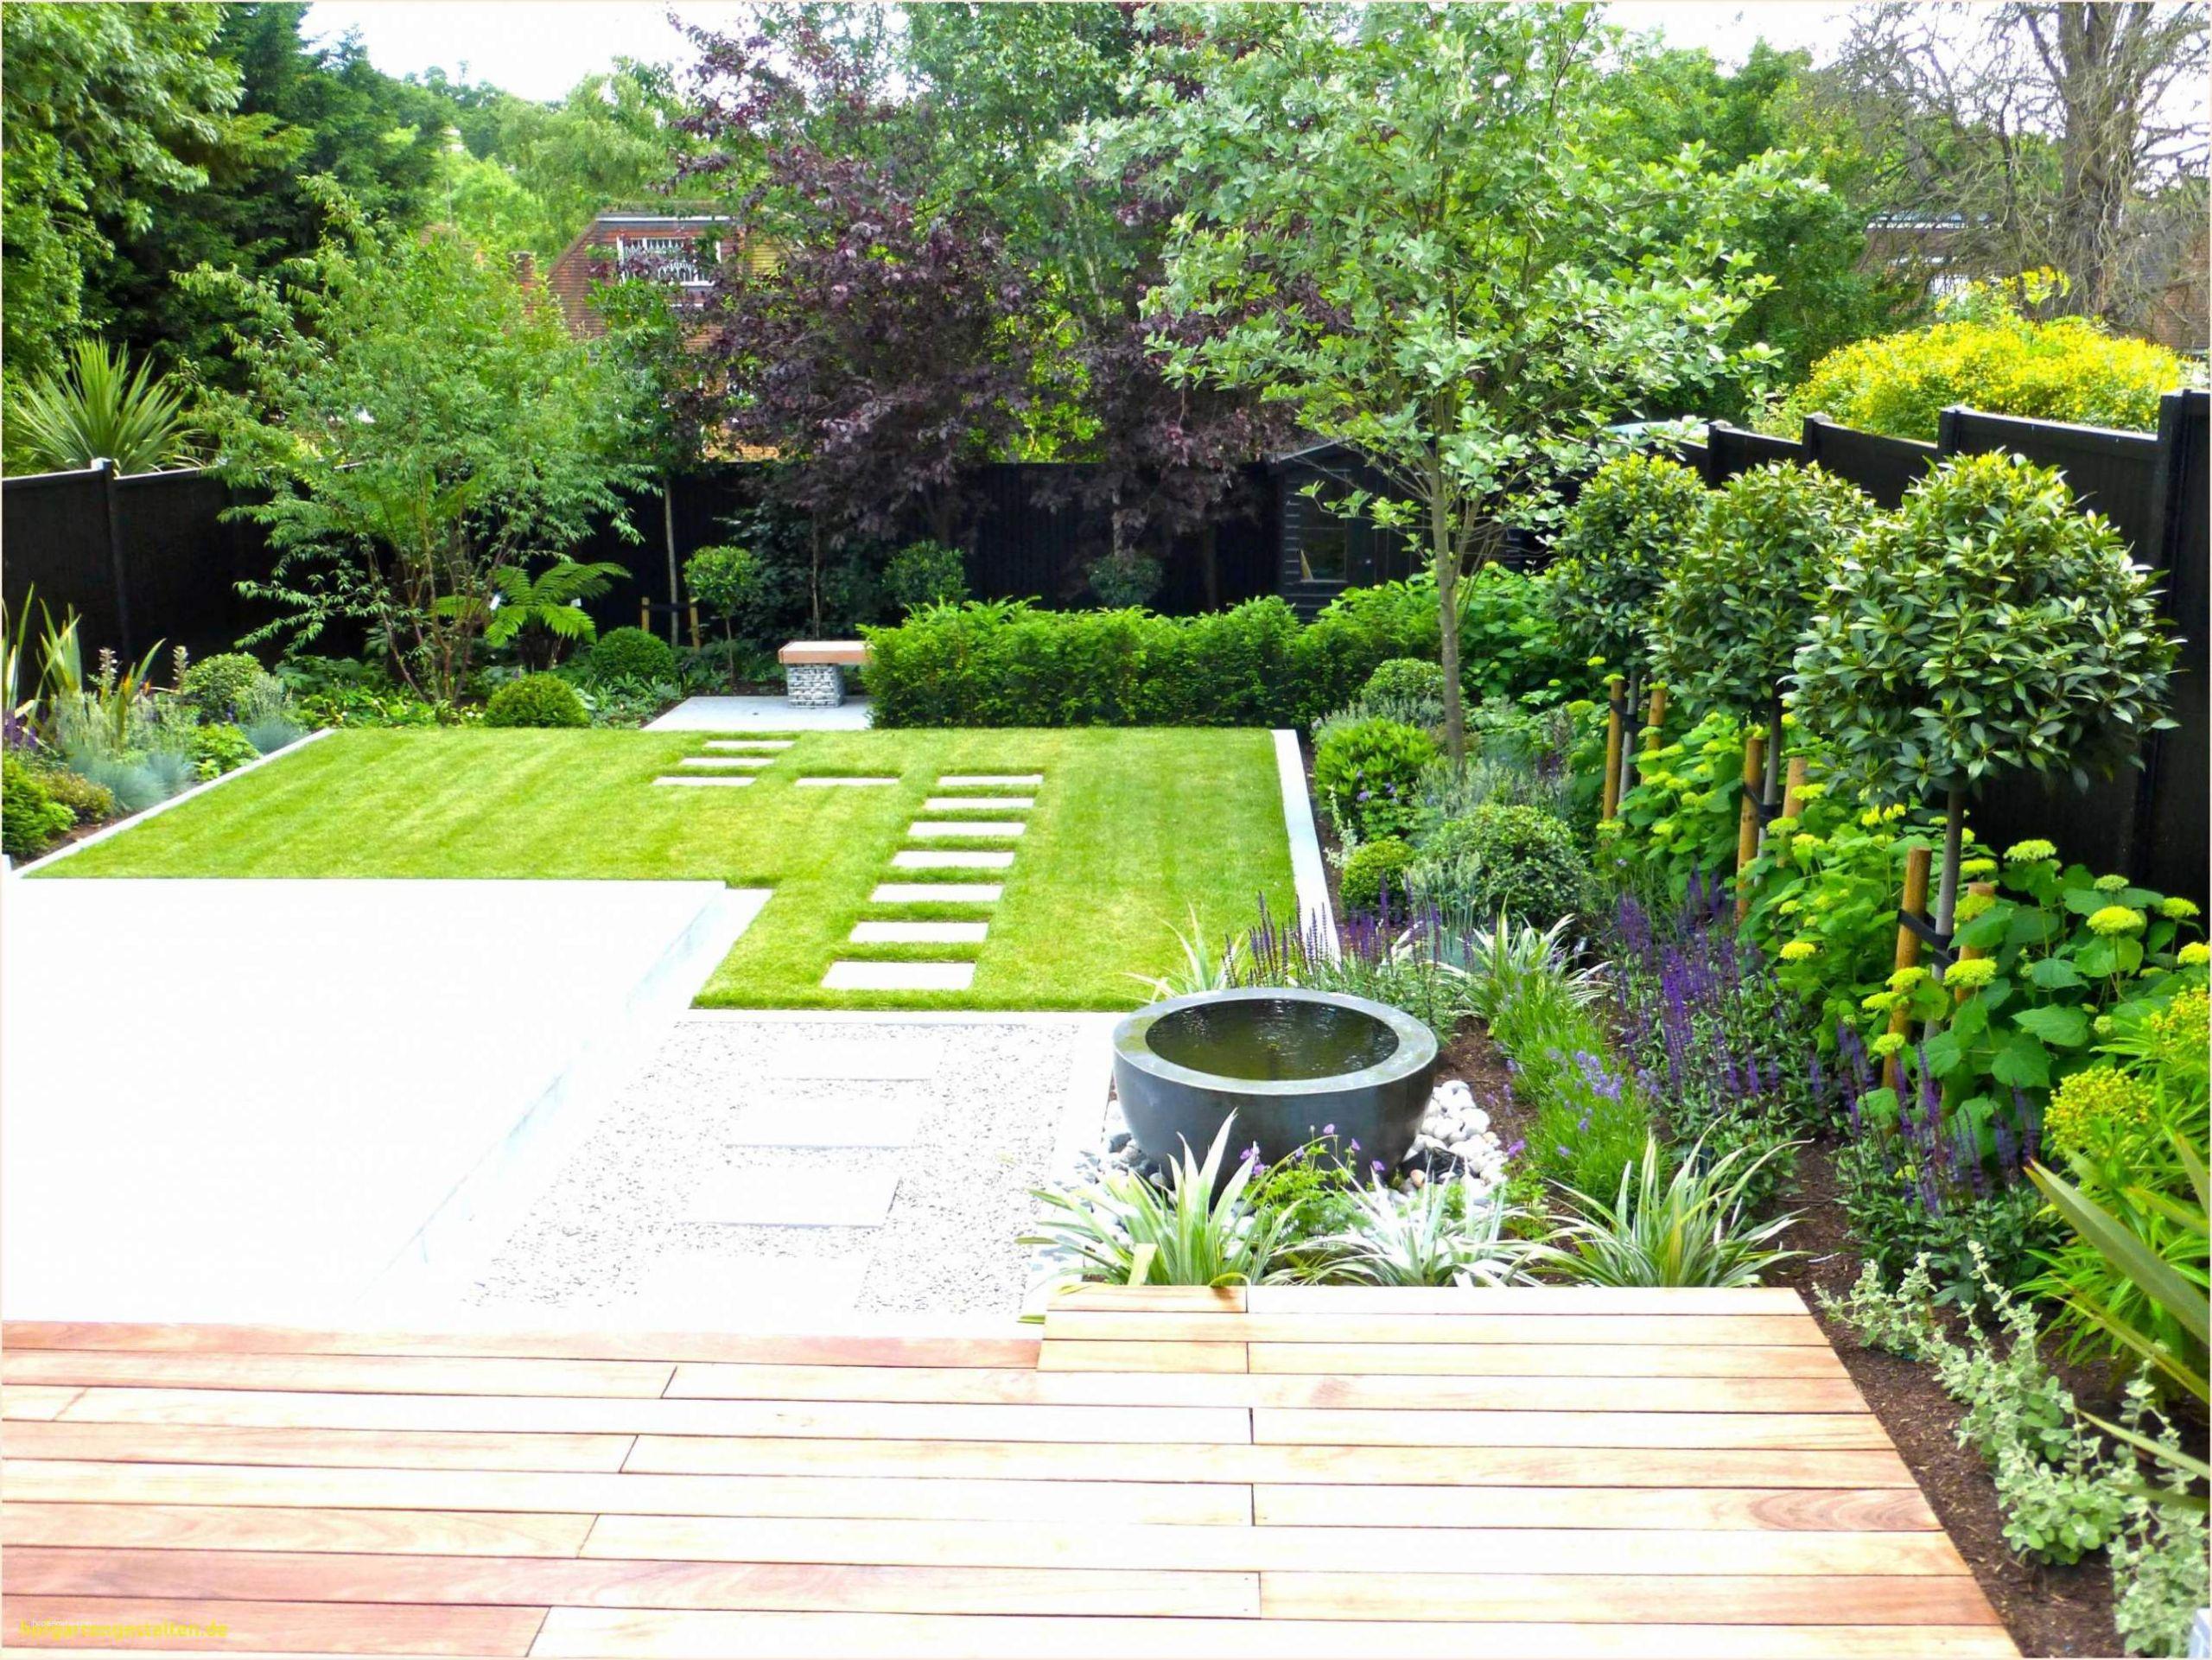 Feuerstelle Im Garten Erlaubt Neu Feuerstellen Im Garten — Temobardz Home Blog